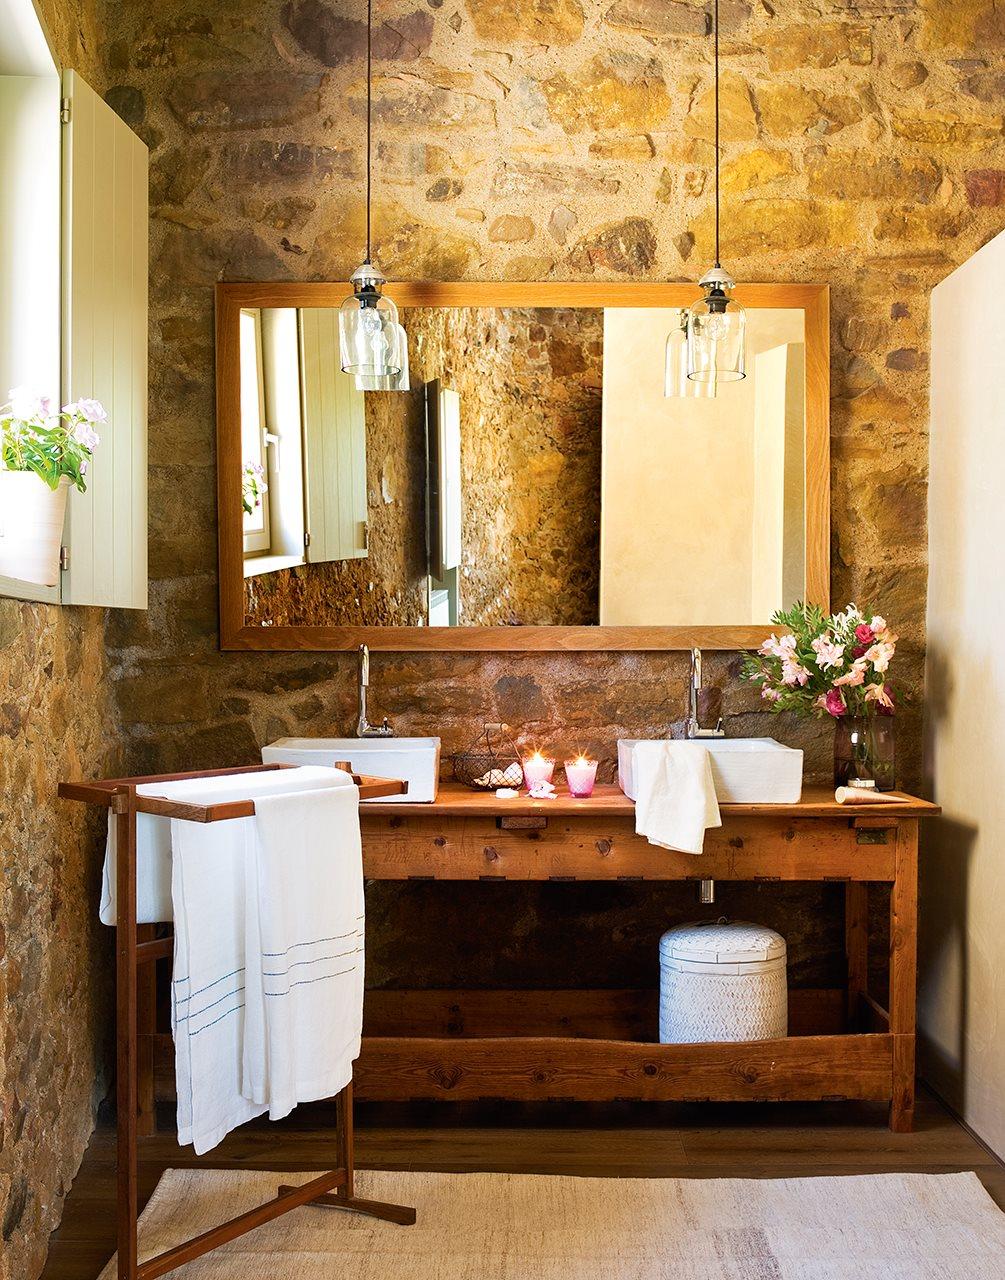 928 - De antiguo pajar a una casa con verdadero encanto en la costa del Ampurdán (Girona)